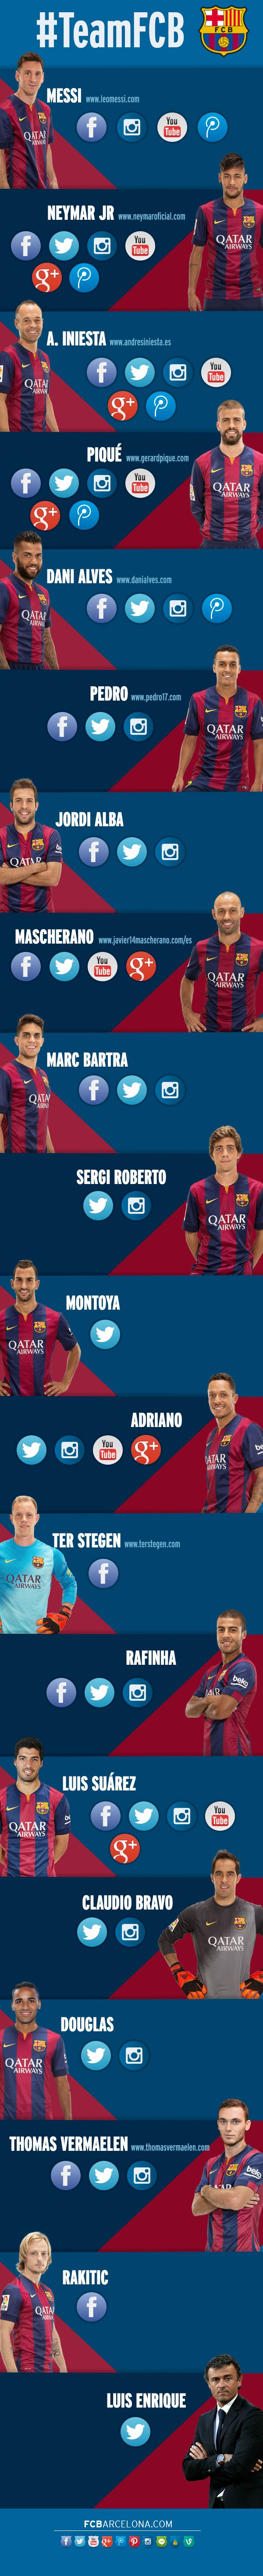 #TeamFCB: Más de 189 millones de fans siguen a los cracks del Barça en Facebook | FC Barcelona